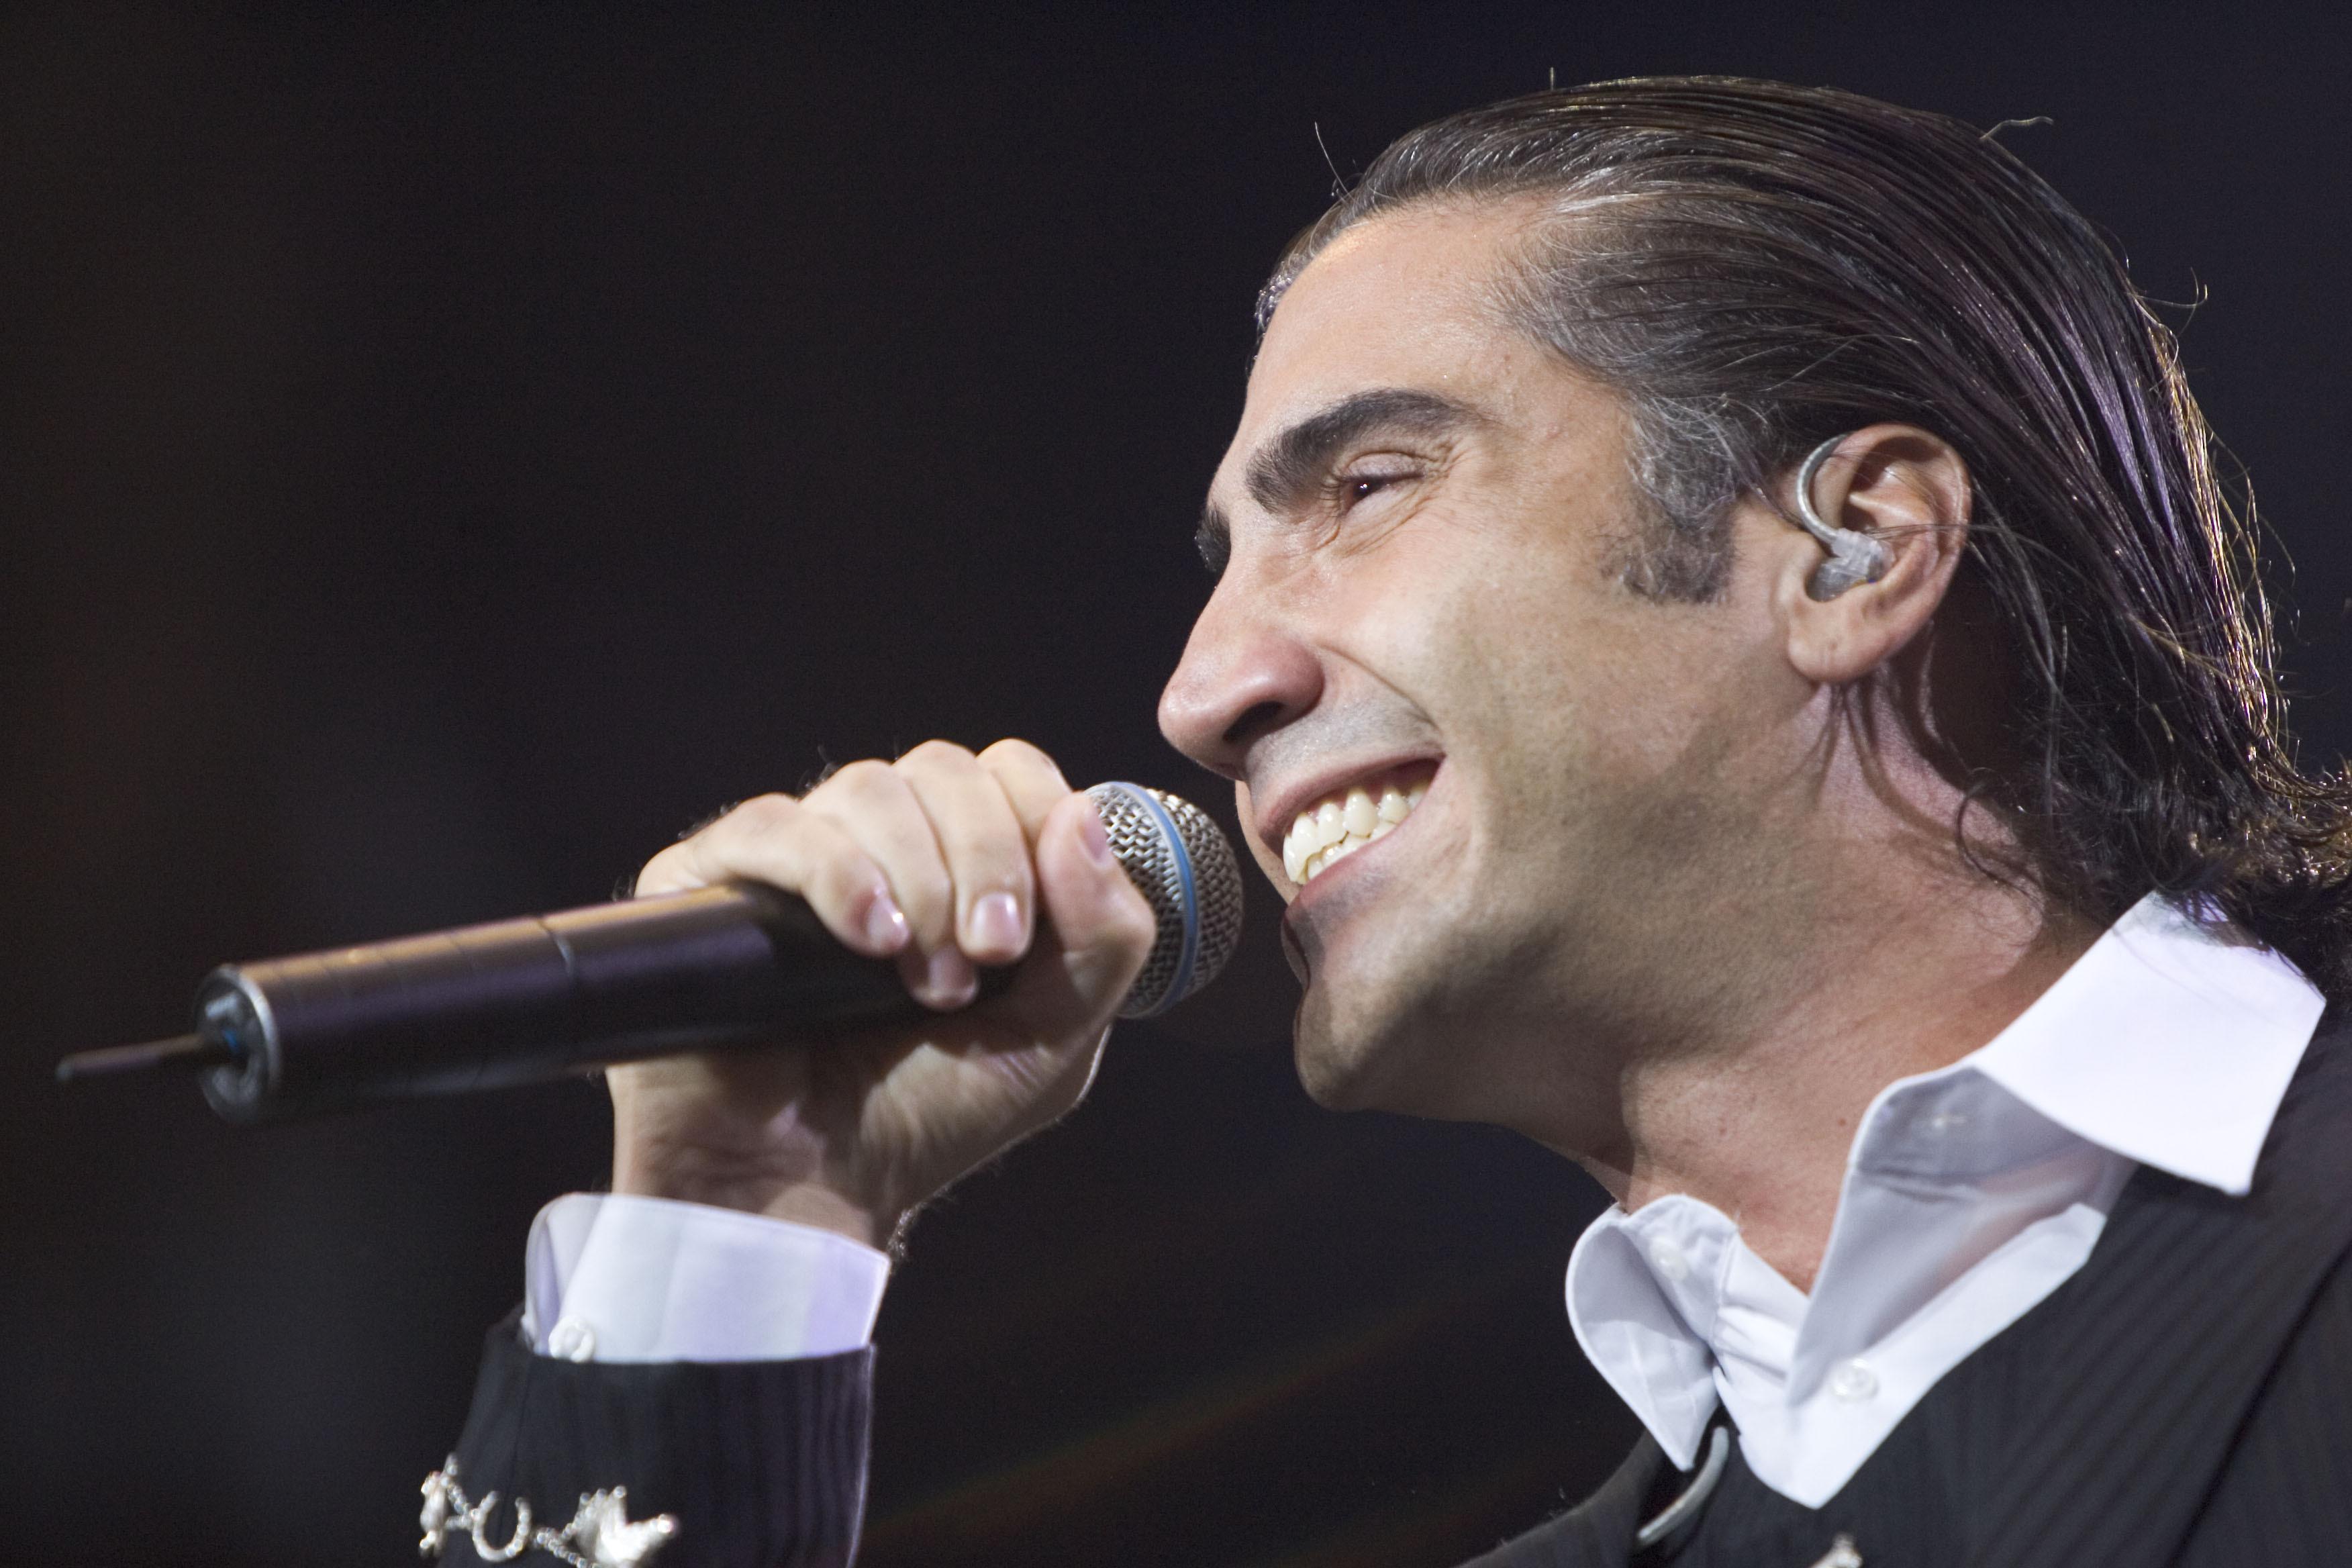 Alejandro Fernández dará concierto gratuito en el Zócalo de la CDMX